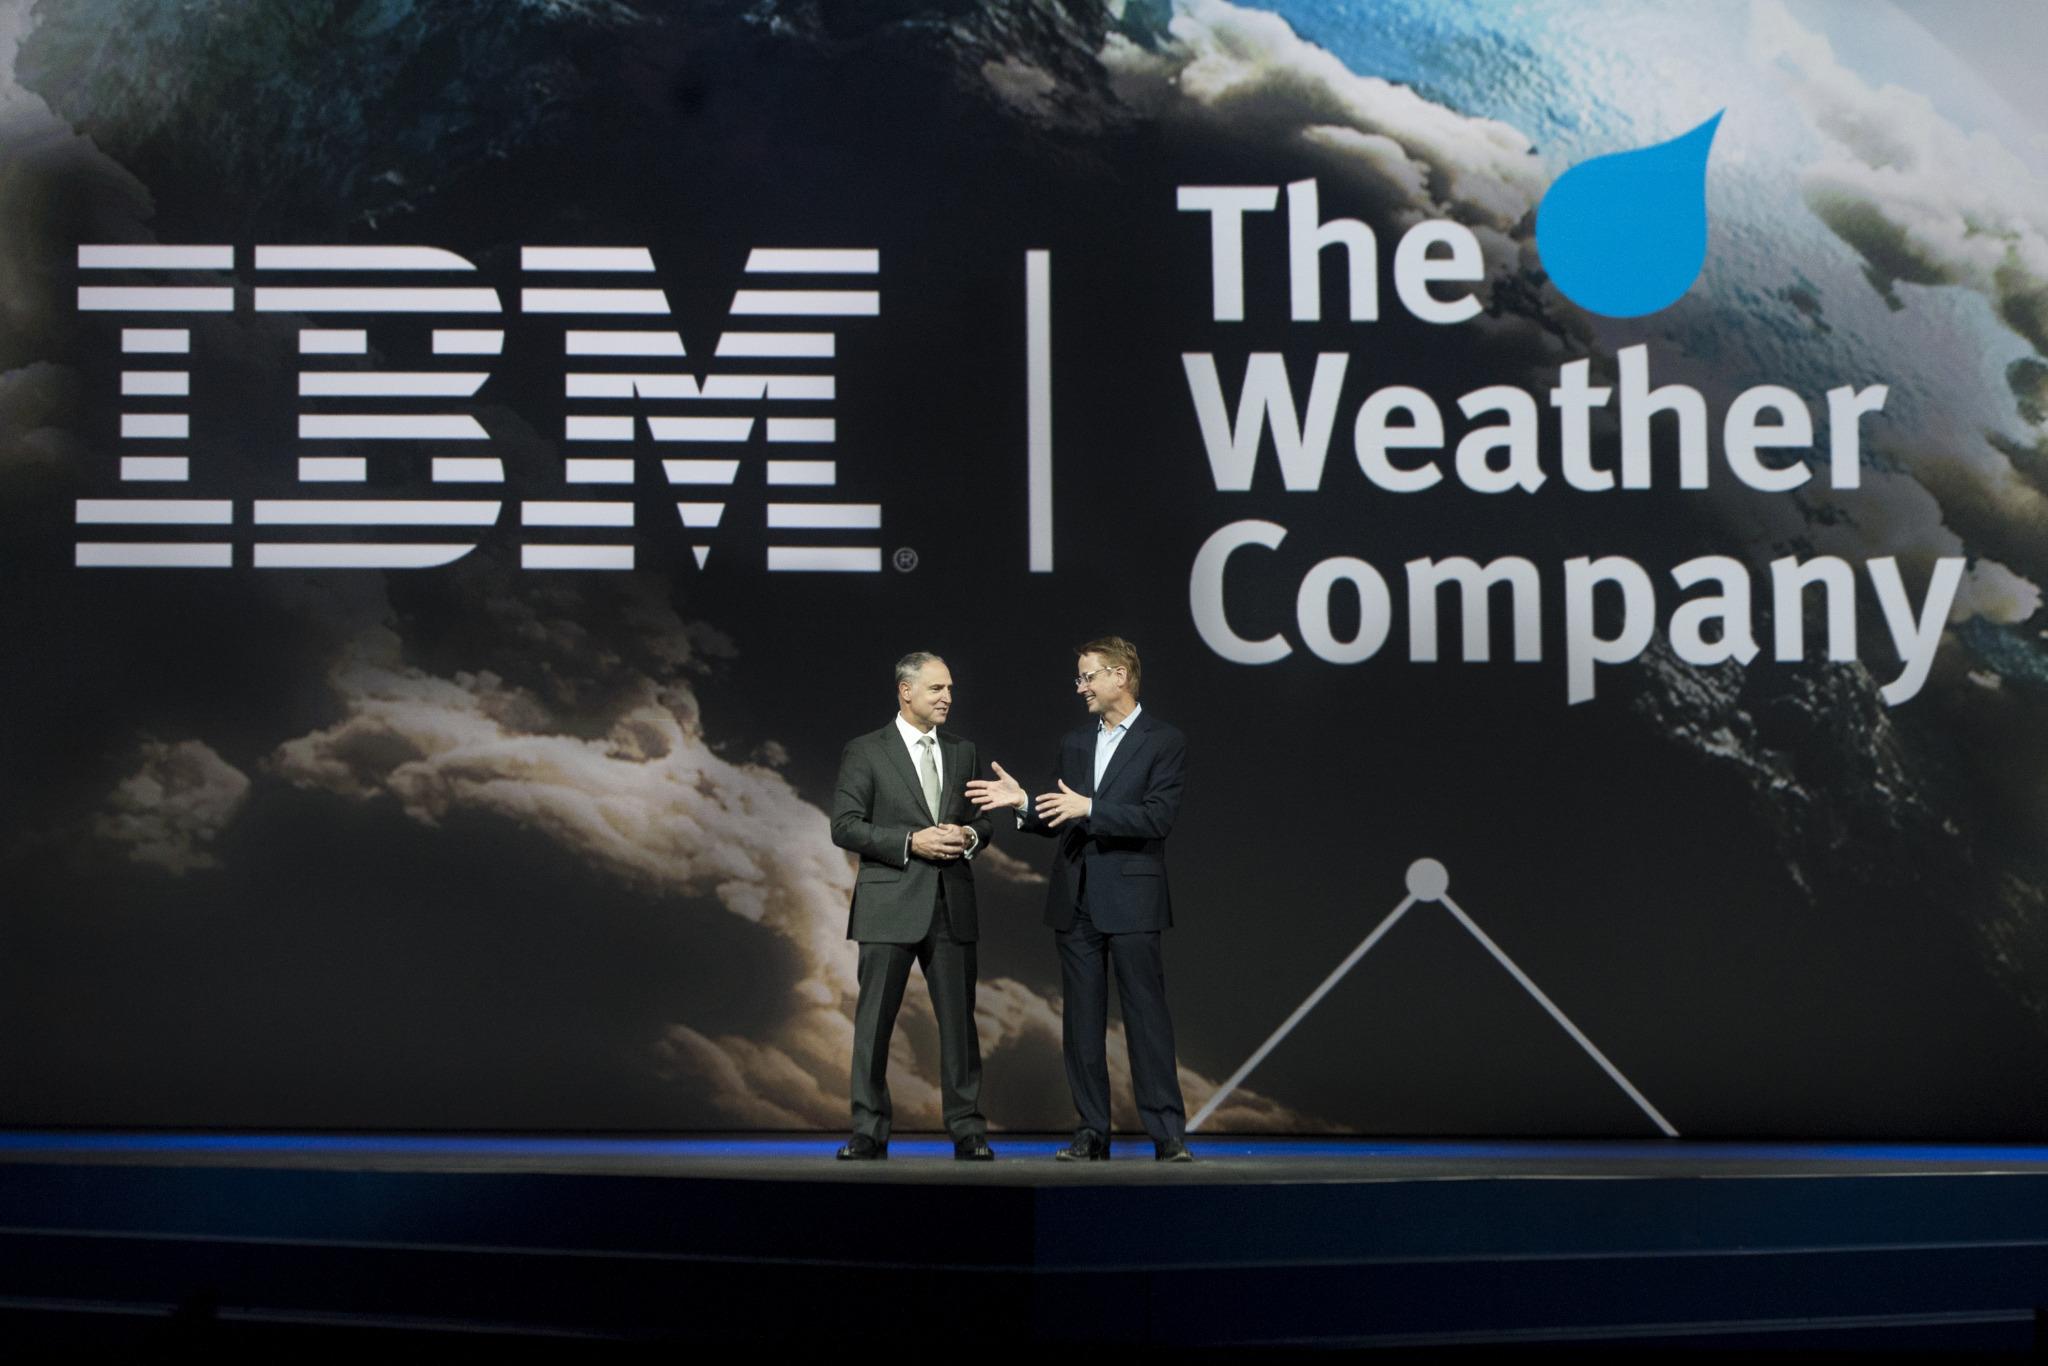 ibm weather company